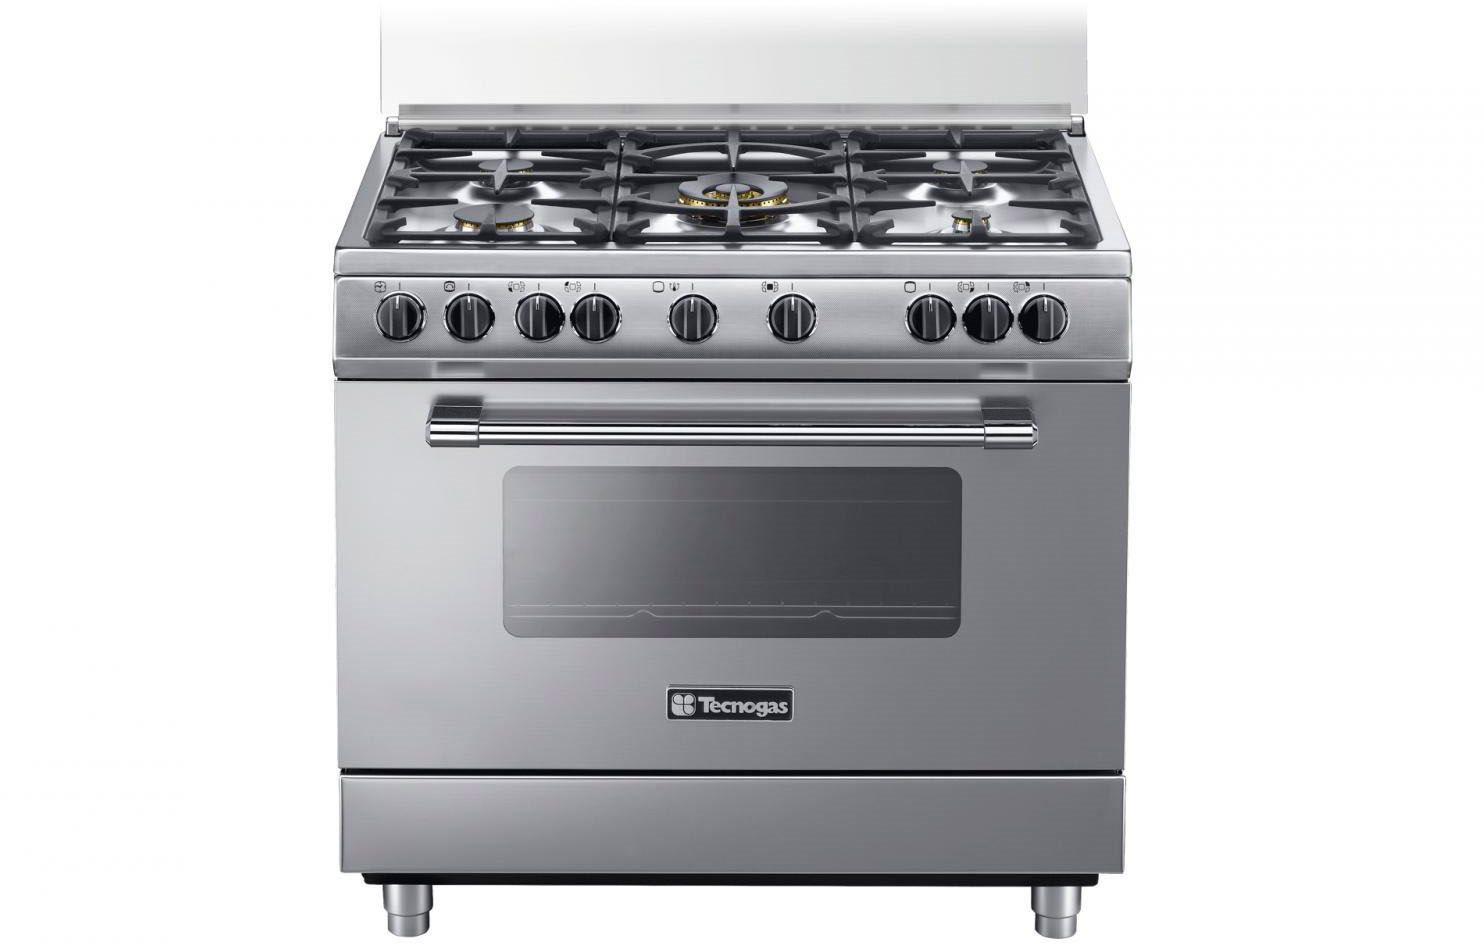 Tecnogas cucina a gas 5 fuochi forno gas elettrico multifunzione ventilato con grill larghezza - Cucina a gas tecnogas ...